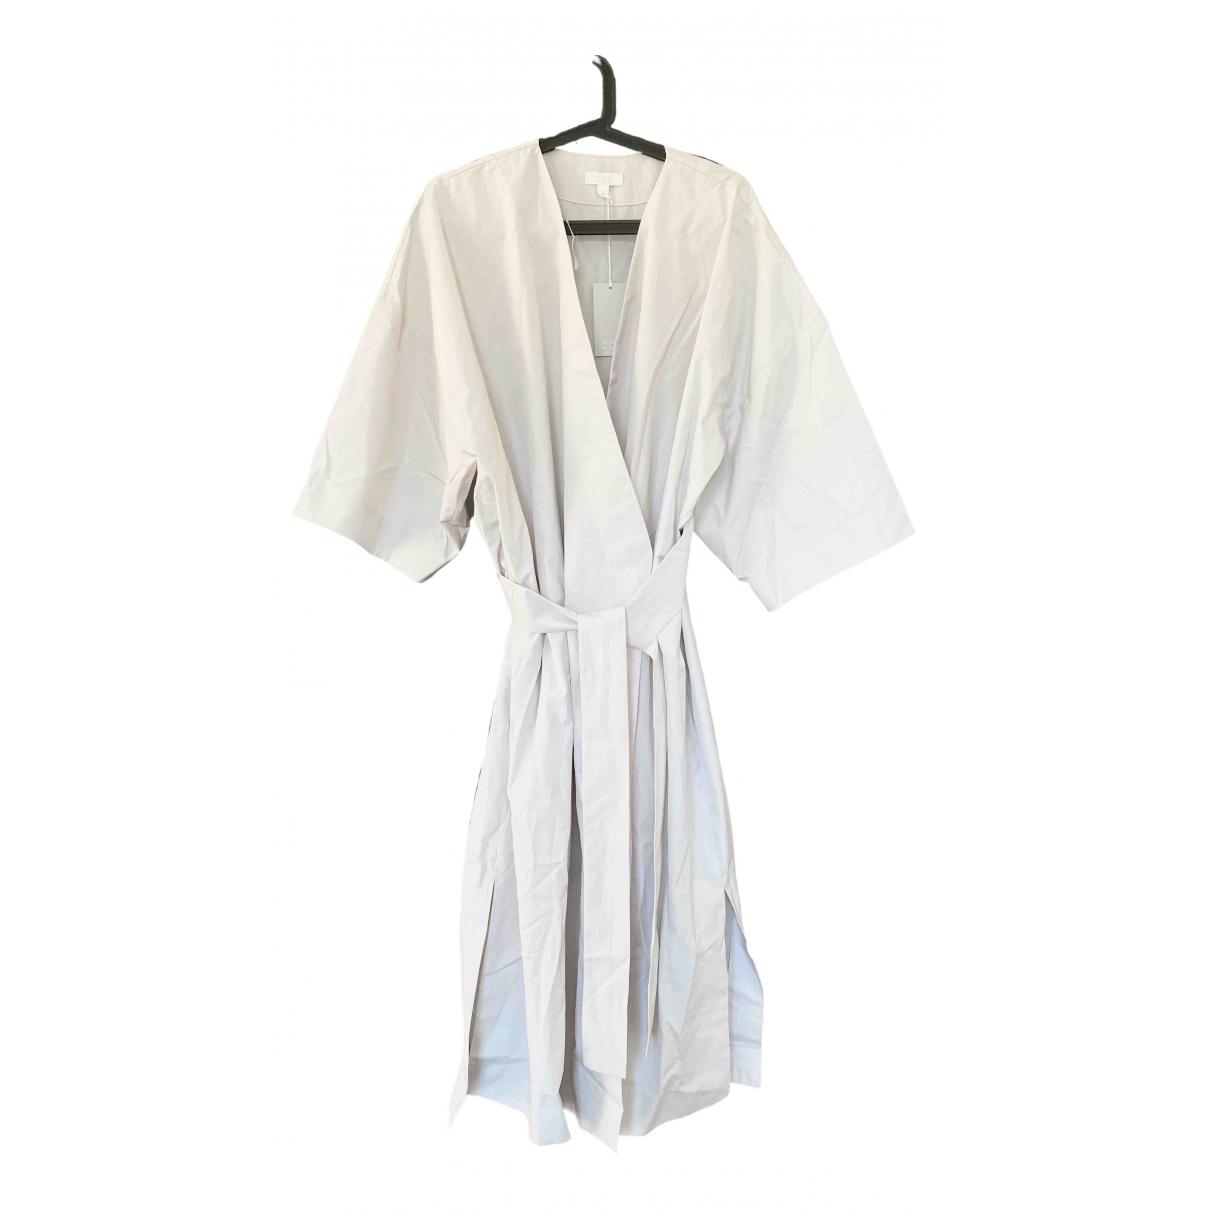 Cos - Robe   pour femme en coton - beige